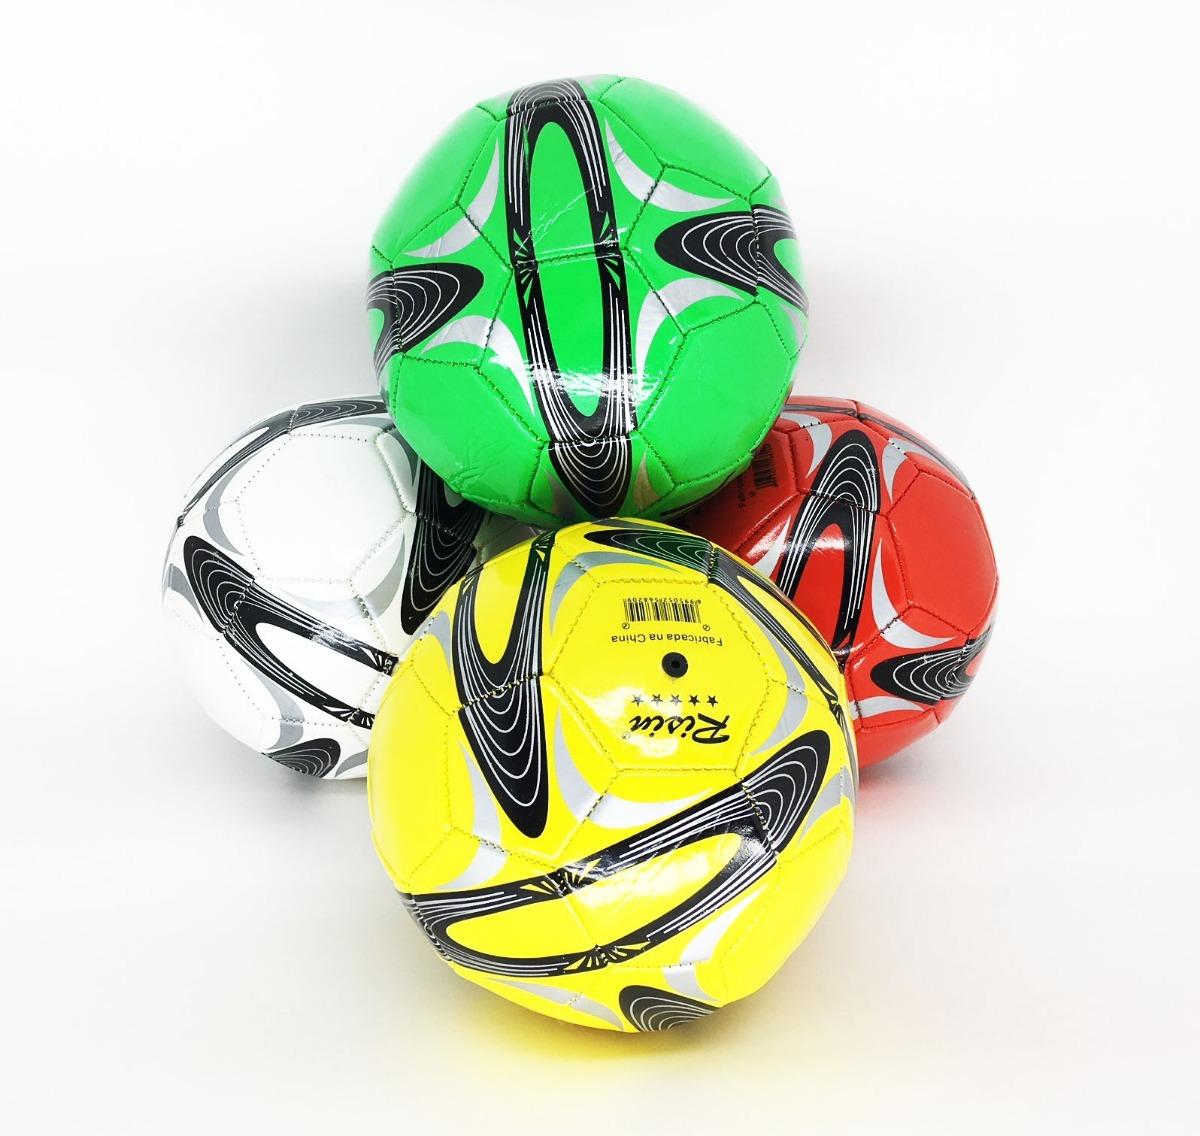 41de87b25ef3f 9 bolas de futebol para crianças brincar futsal atacado. Carregando zoom.